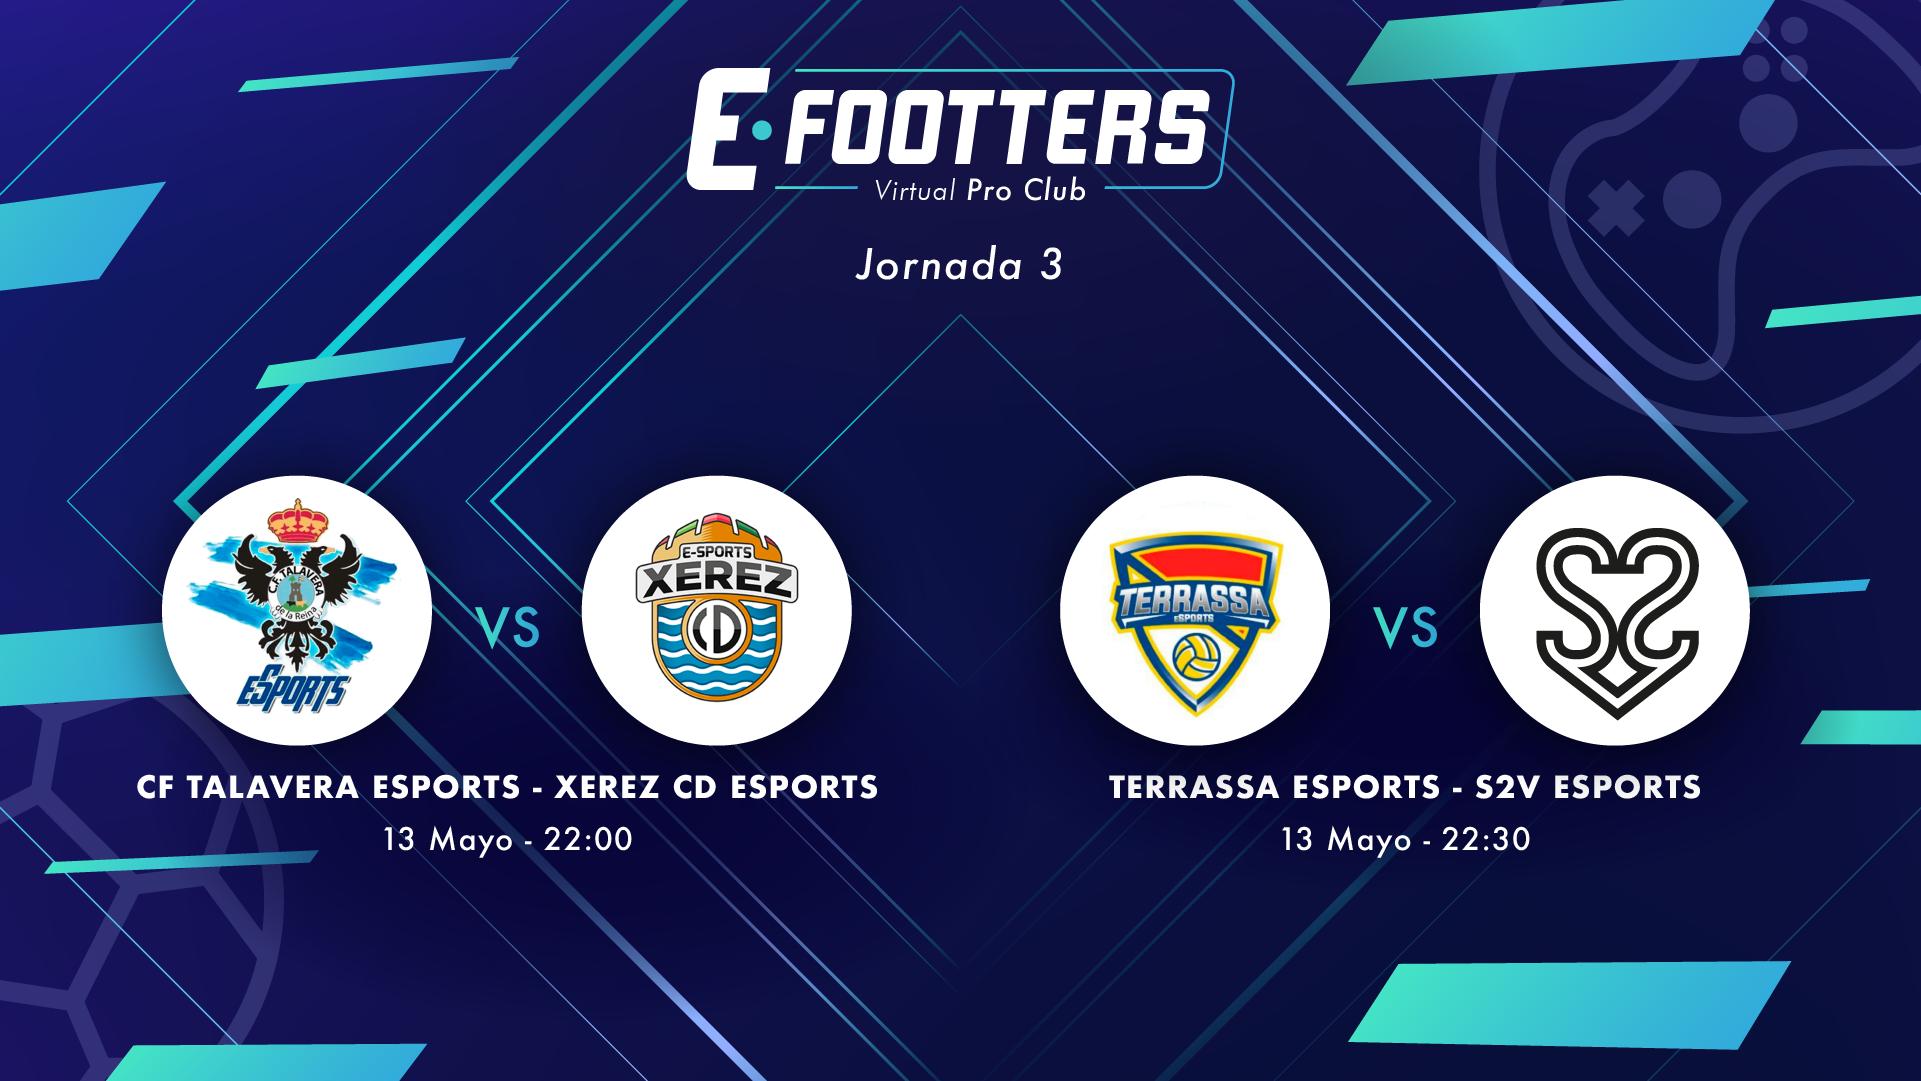 Talavera - Xerez y Terrassa - S2V, partidos correspondientes a la tercera jornada